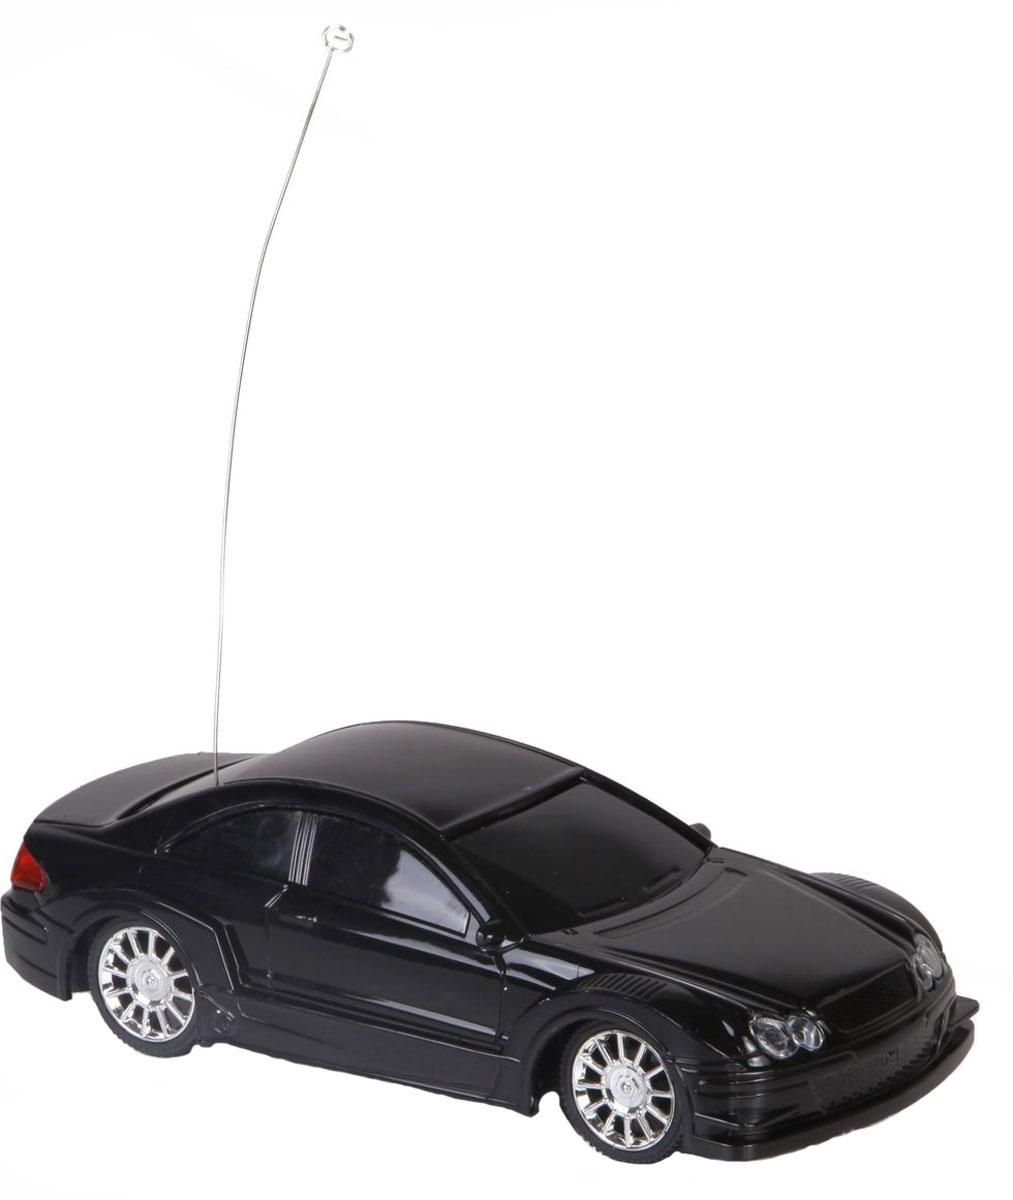 Yako Машина на радиоуправлении цвет черный Y19242005 купить fitfruits